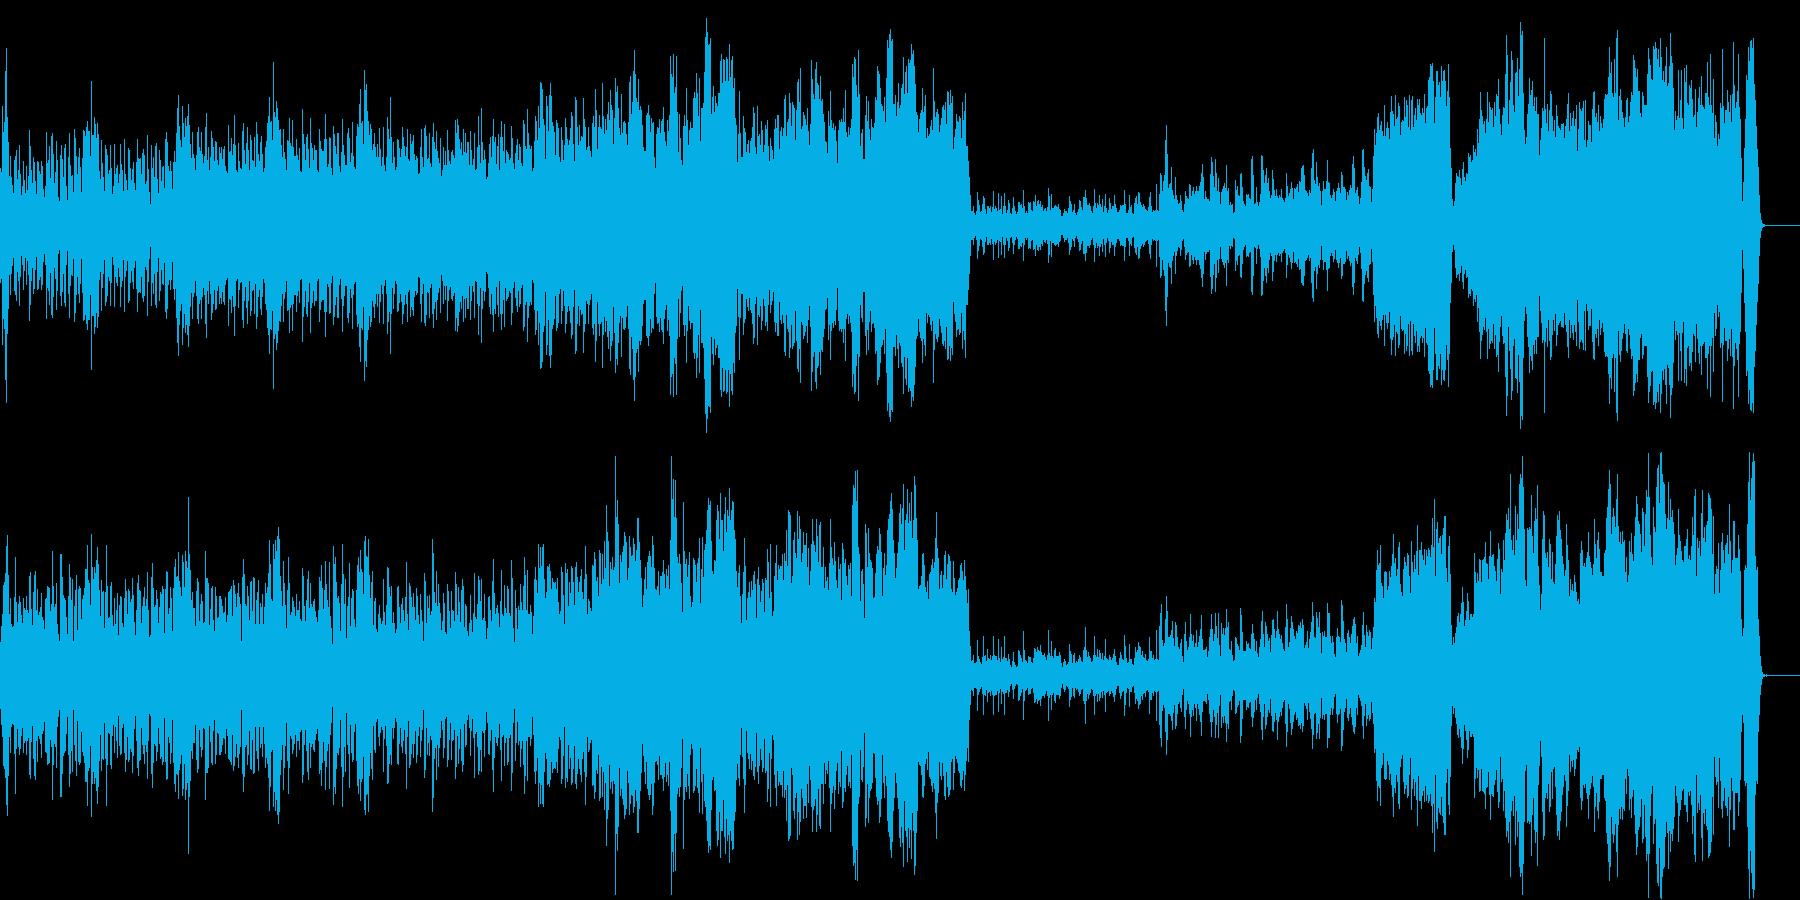 ワクワクするようなオーケストラ曲の再生済みの波形